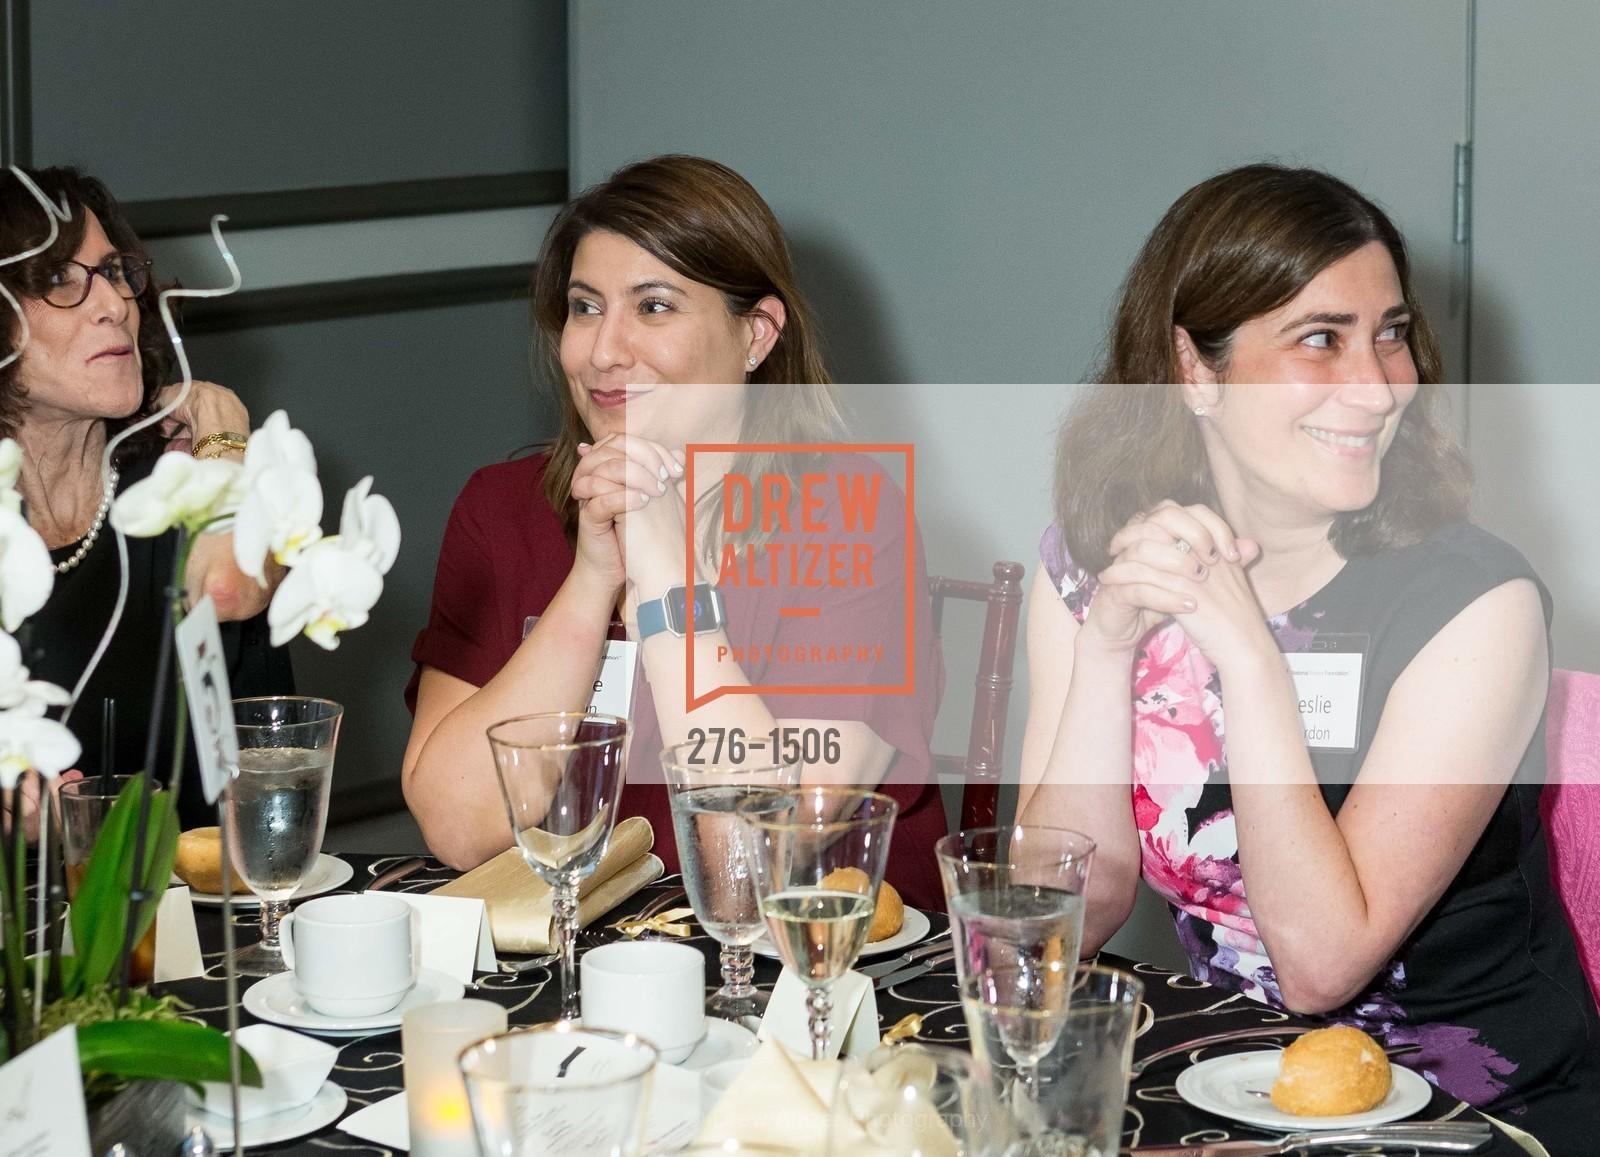 Amy Gordon, Leslie Gordon, Photo #276-1506